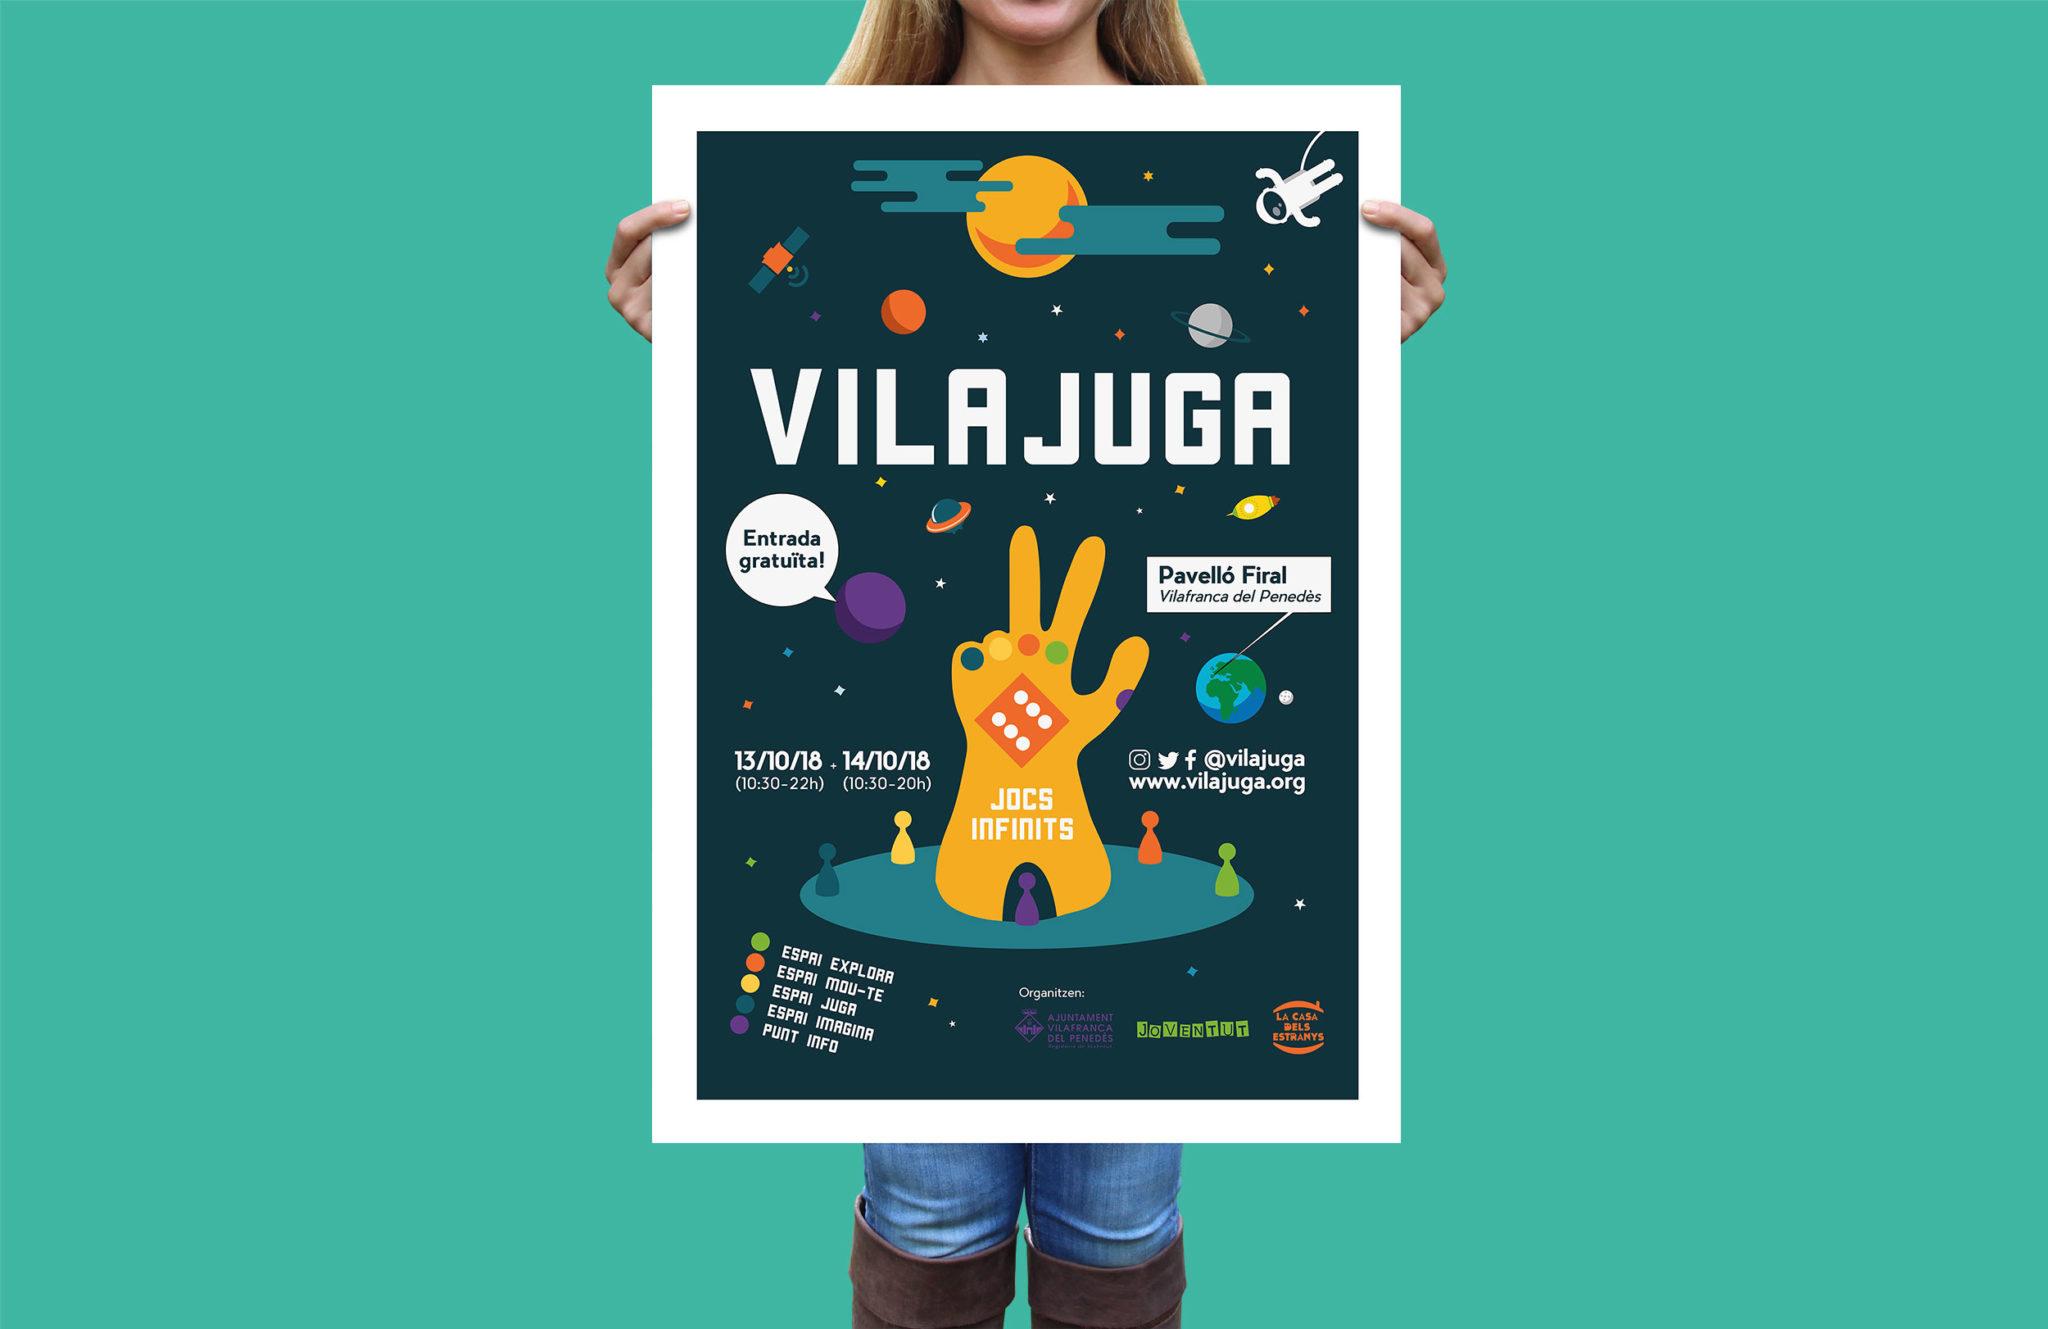 angels-pinyol-disseny-grafic-vilafranca-del-penedes-la-casa-dels-estranys-vilajuga